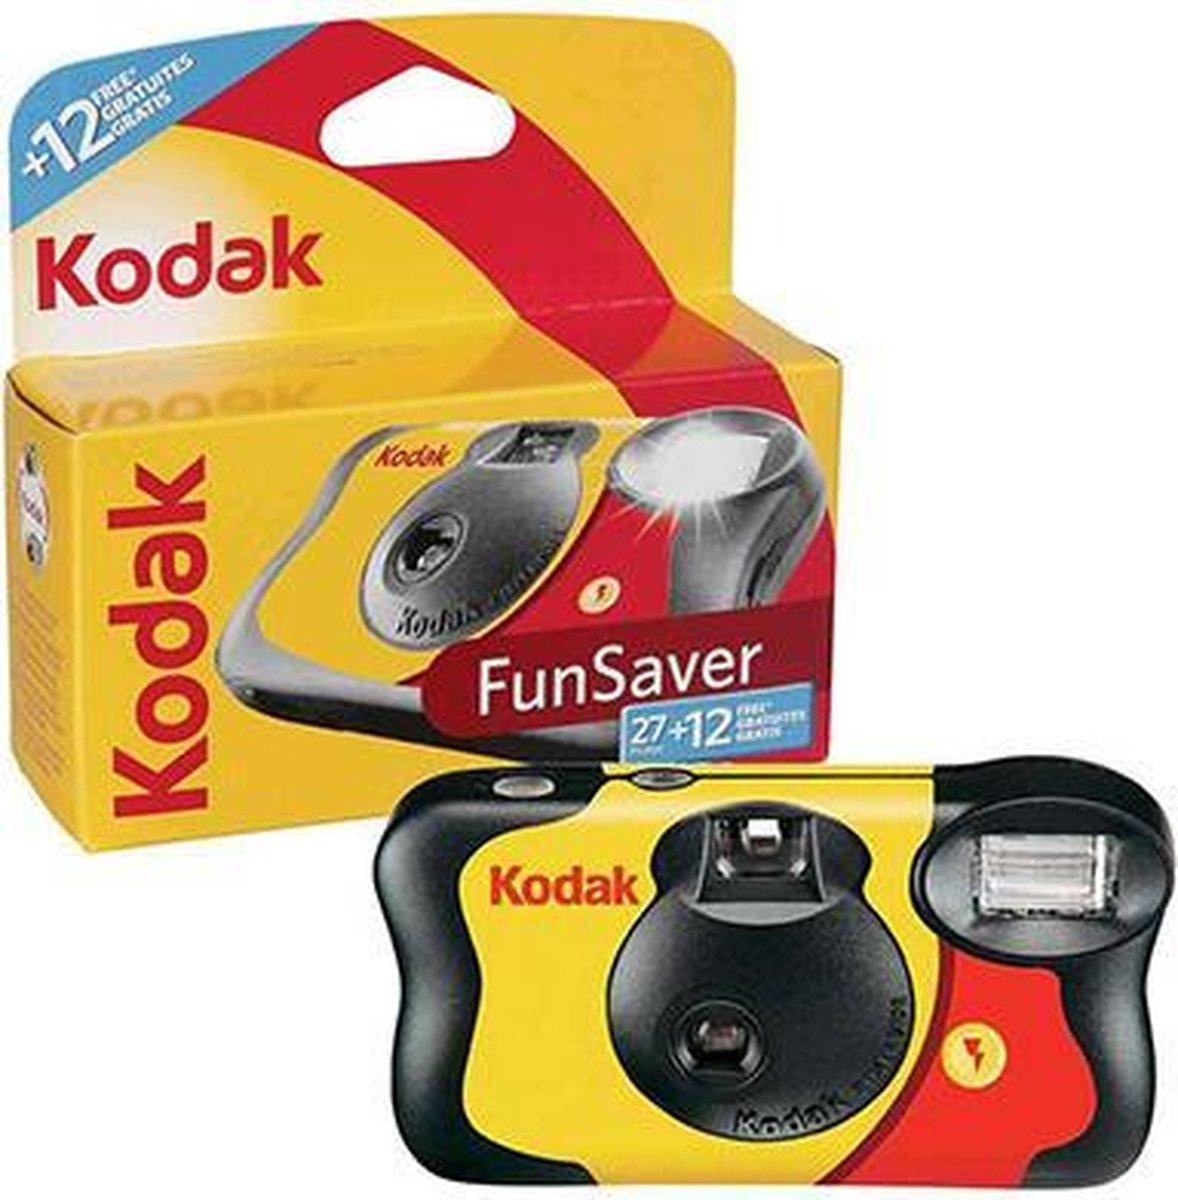 Kodak - Wegwerpcamera met flitser - 39 Opnames / foto's - ouderwets goede kwaliteit van kodak - onui